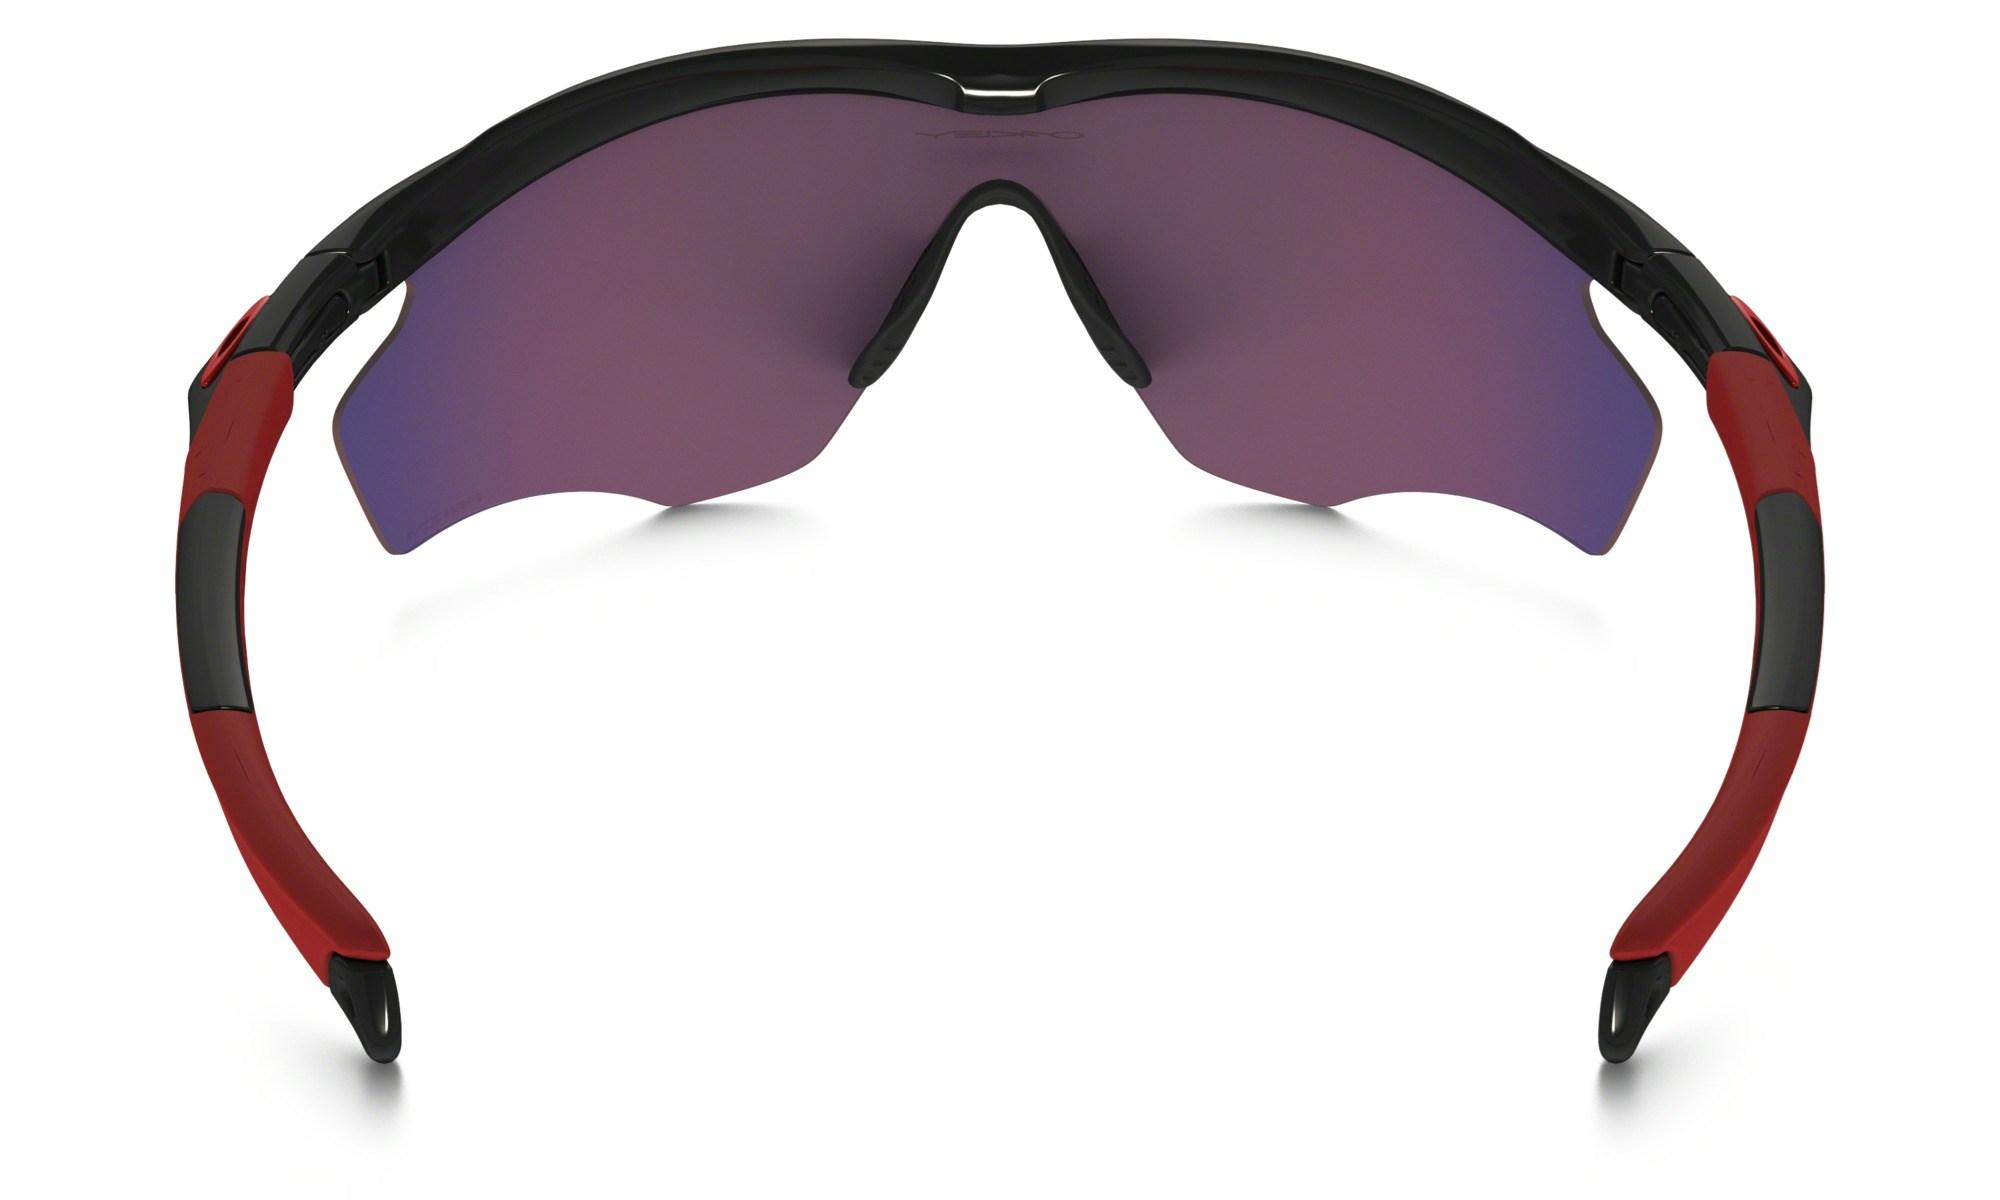 507268d058 Oakley M2 Frame XL Polished Black Prizm Road £120.00